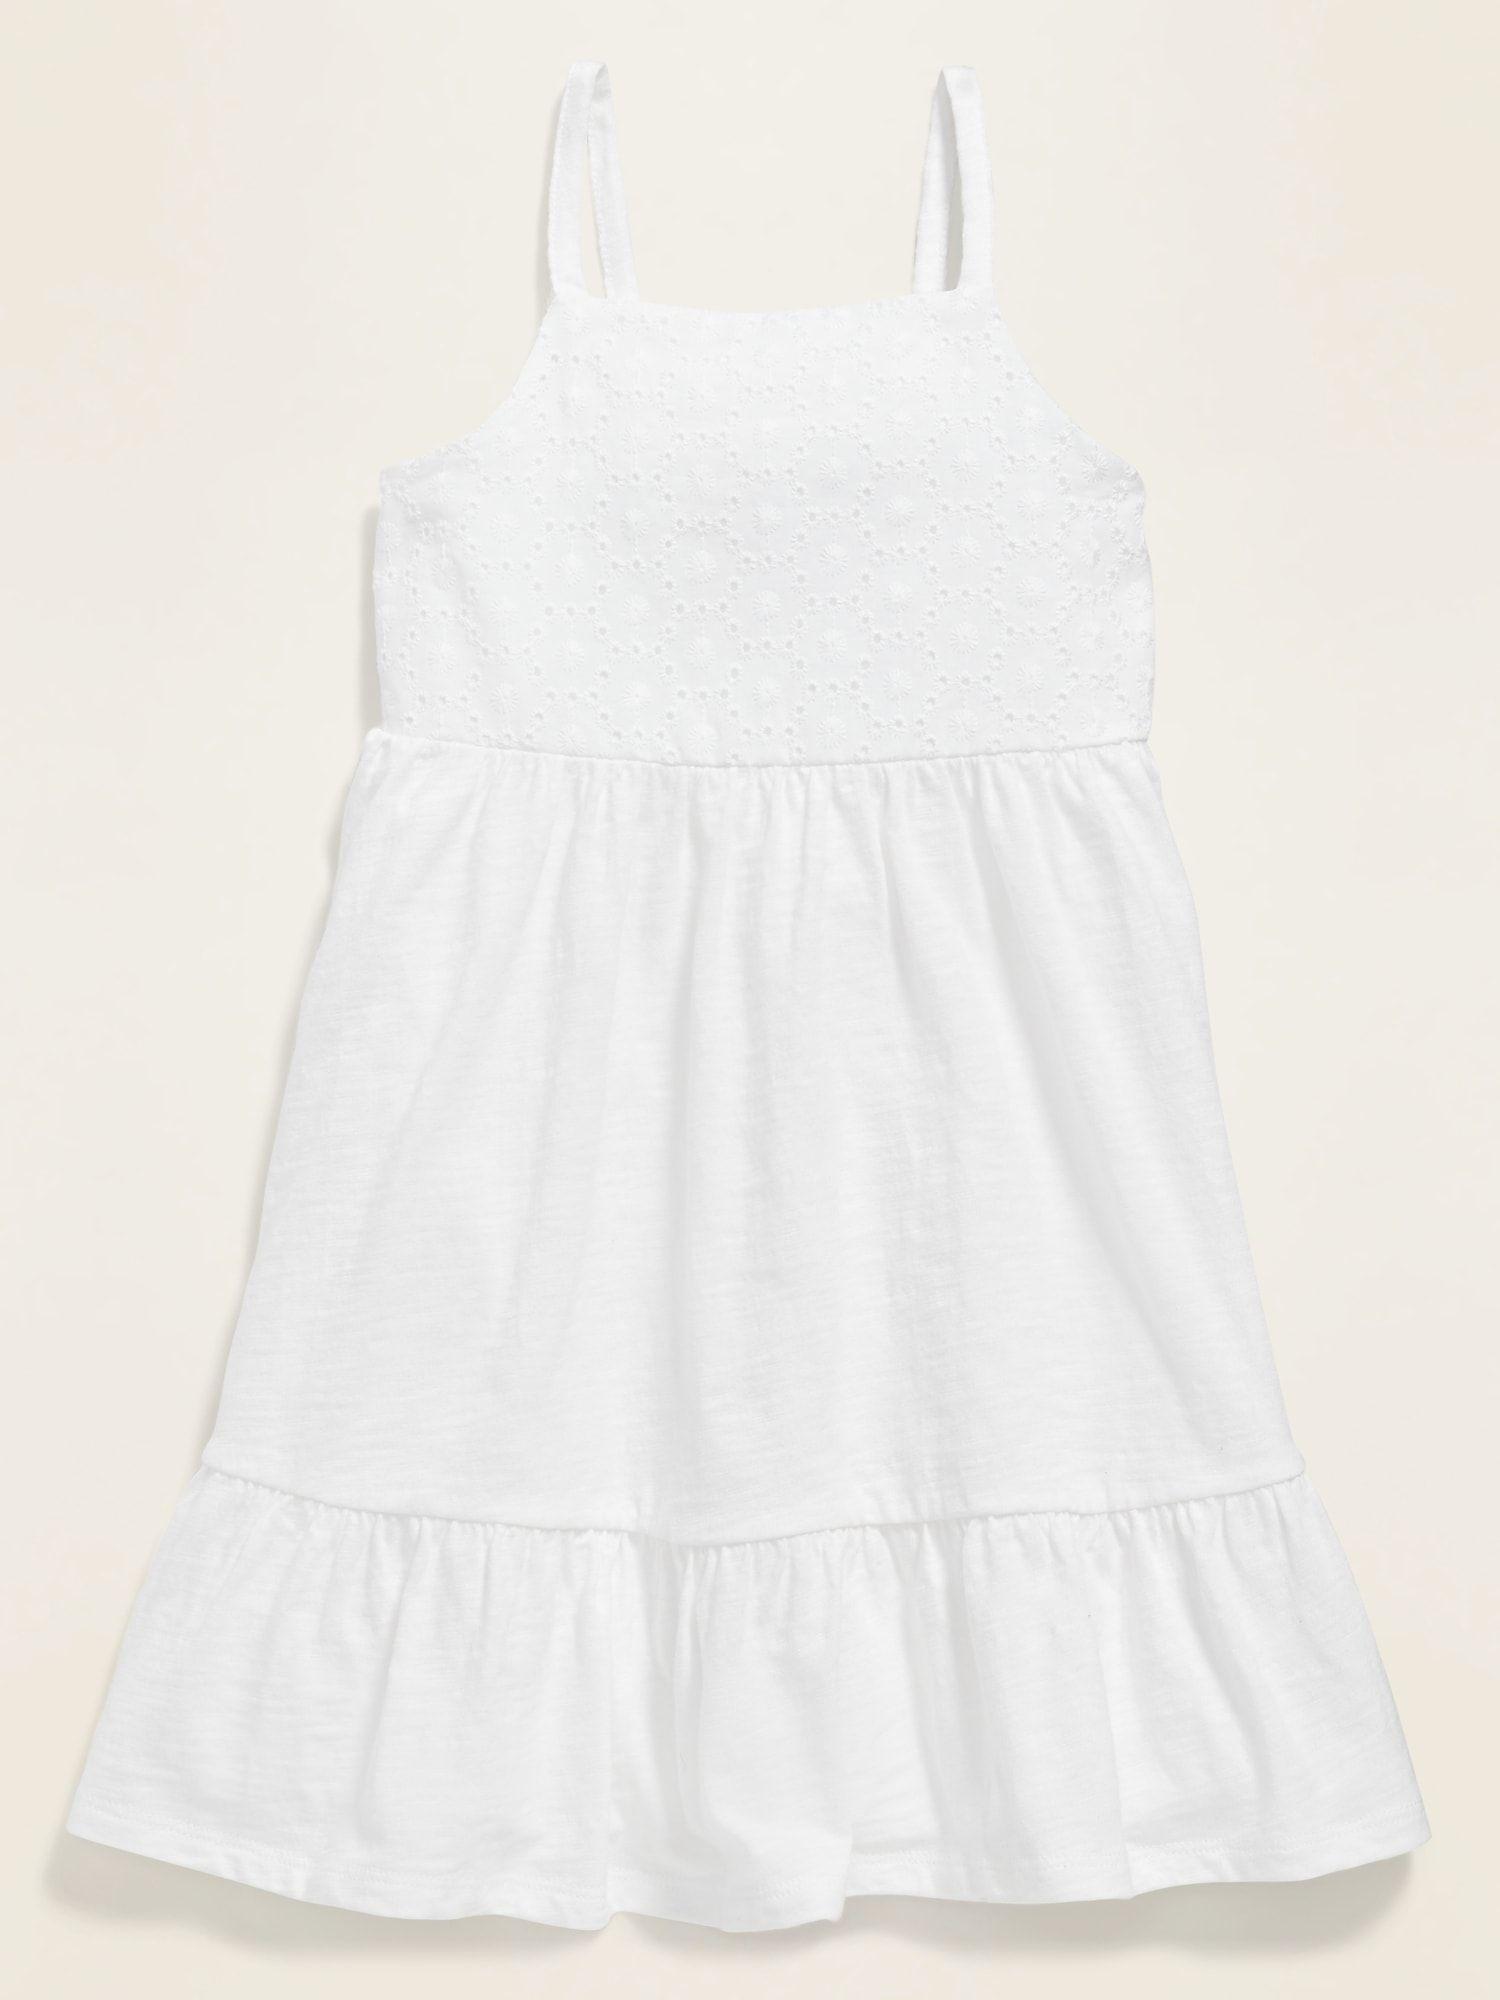 Fit Flare Eyelet Yoke Cami Dress For Toddler Girls Old Navy Toddler White Dress White Spaghetti Strap Dress Toddler Girl Dresses [ 2000 x 1500 Pixel ]